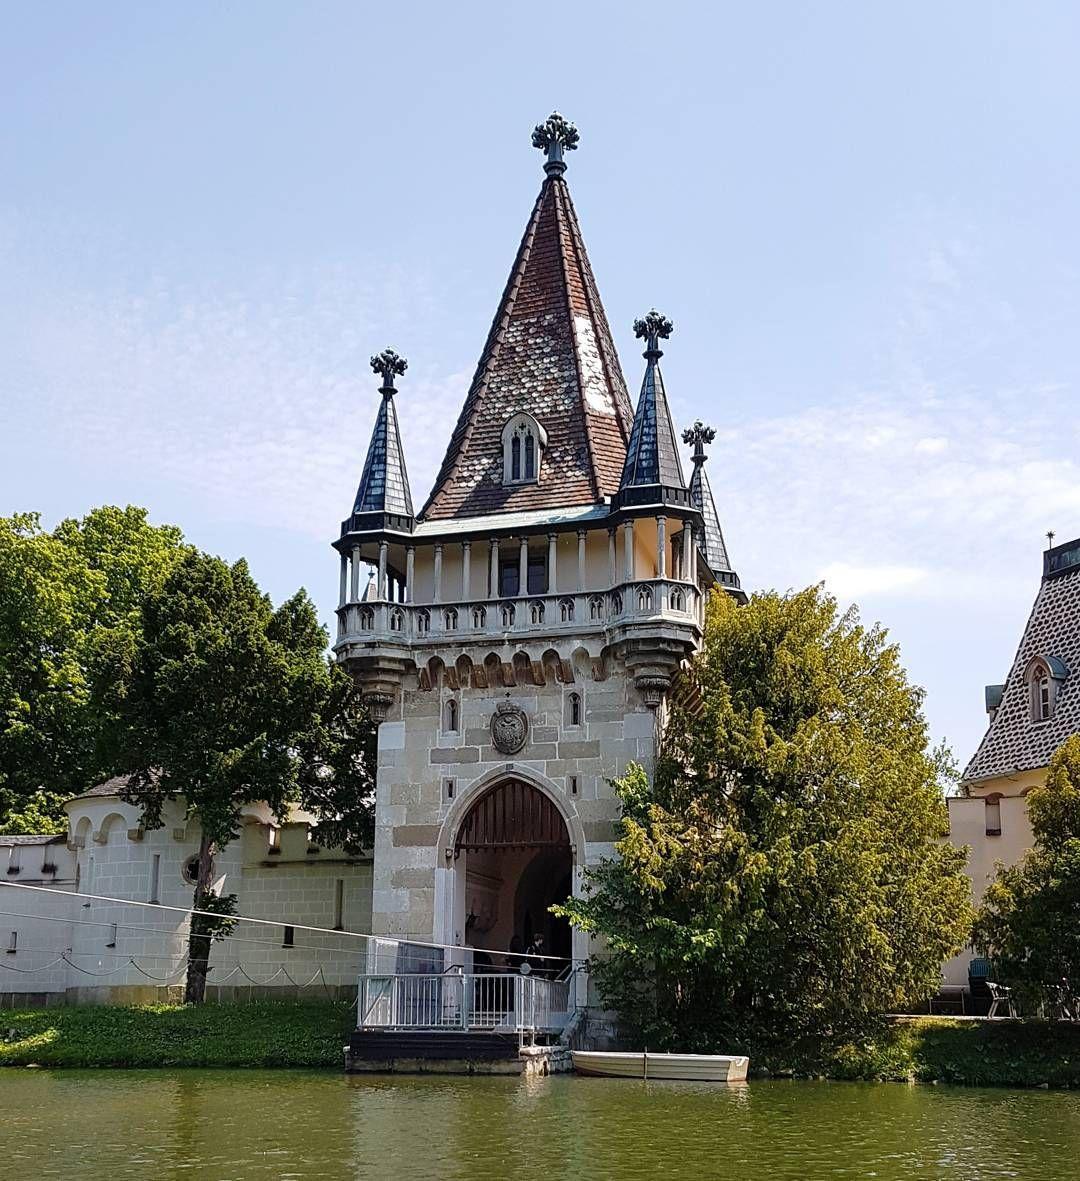 Zamek Franza w Laxenburgu. Malowniczo i bajkowo ...